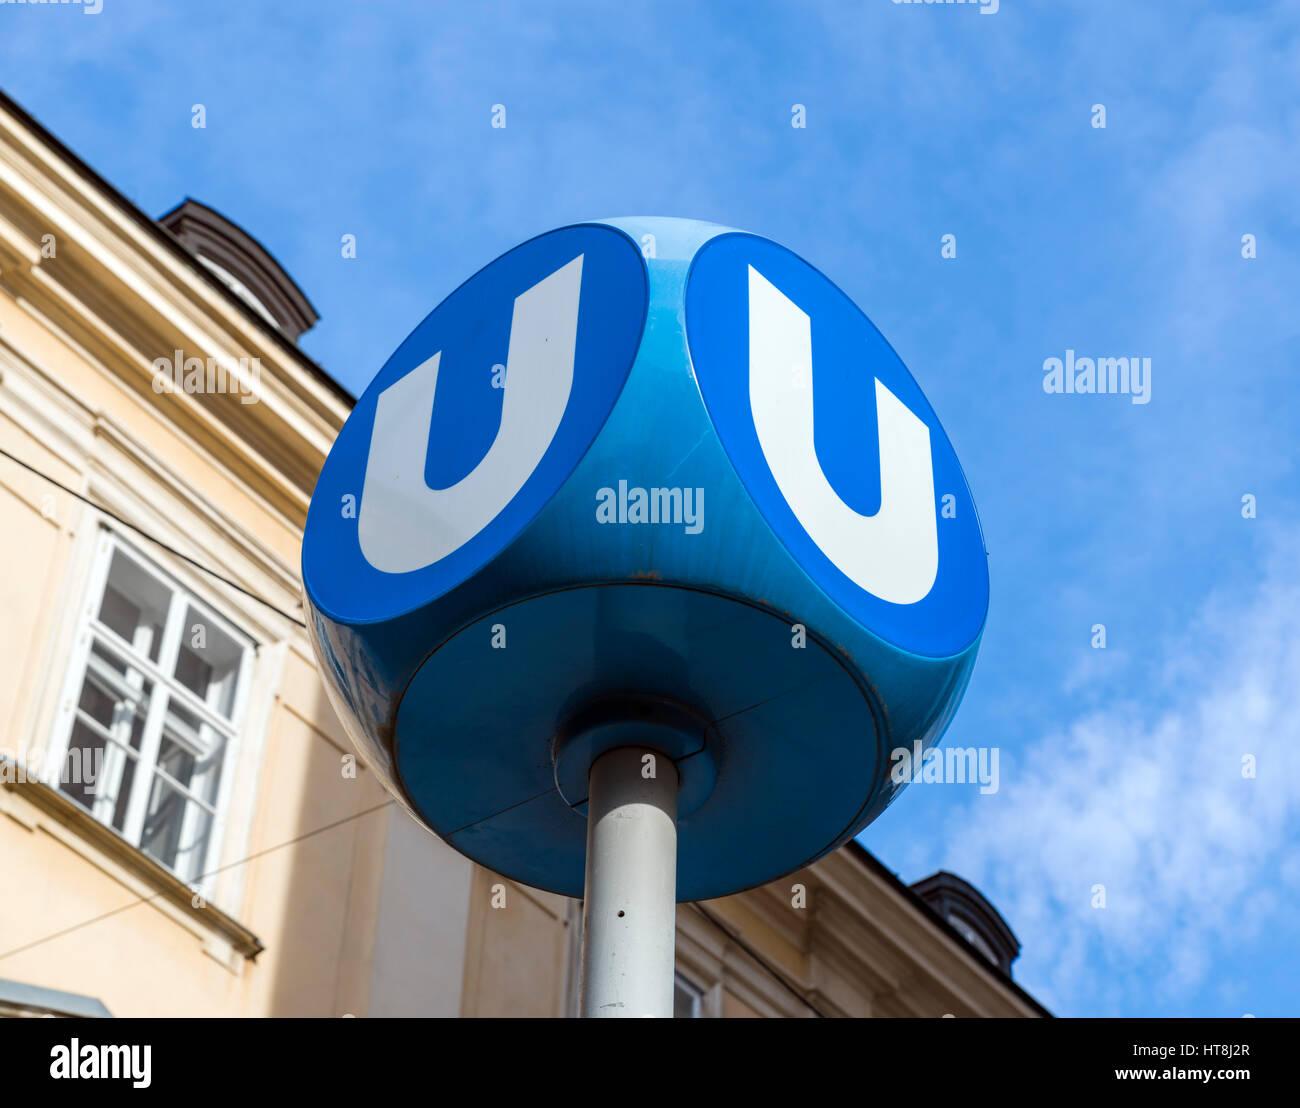 U-Bahn Station Zeichen, Wien, Österreich. Stockbild